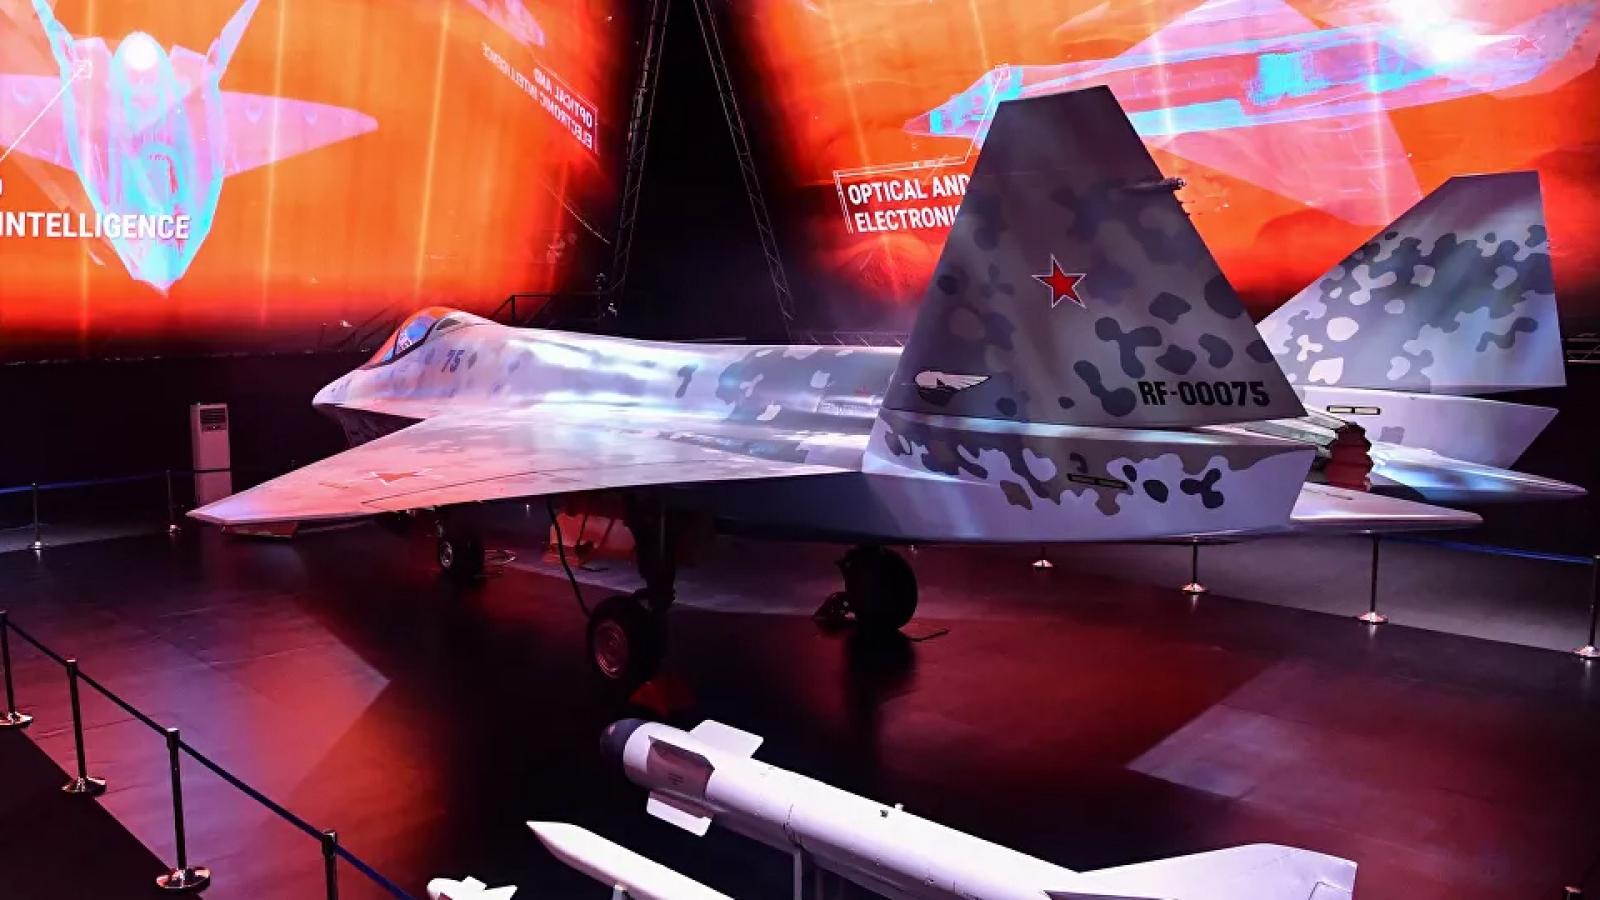 Tiêm kích Checkmate của Nga có thể đánh bại F-35 trong một cuộc không chiến?